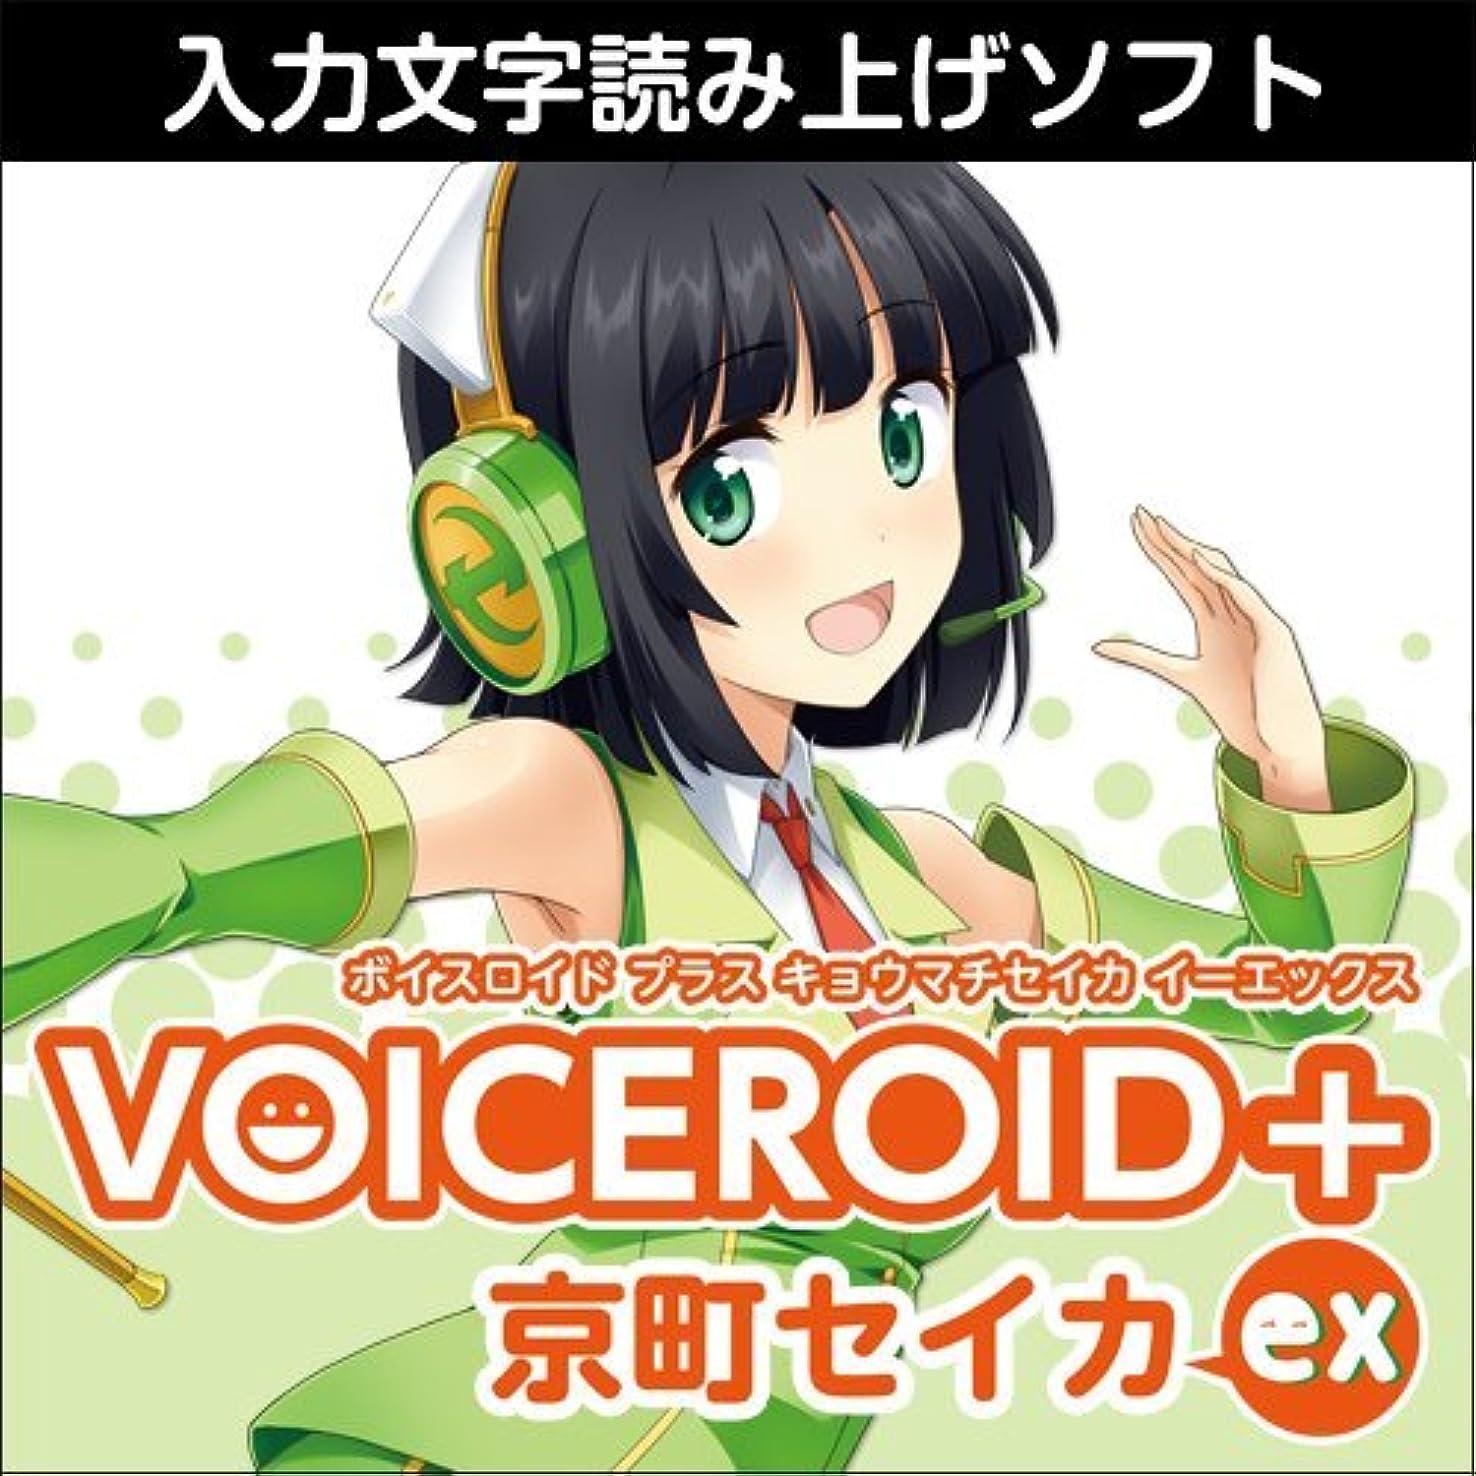 旅行者バルクマウンドVOICEROID+ 京町セイカ EX ダウンロード版 [ダウンロード]